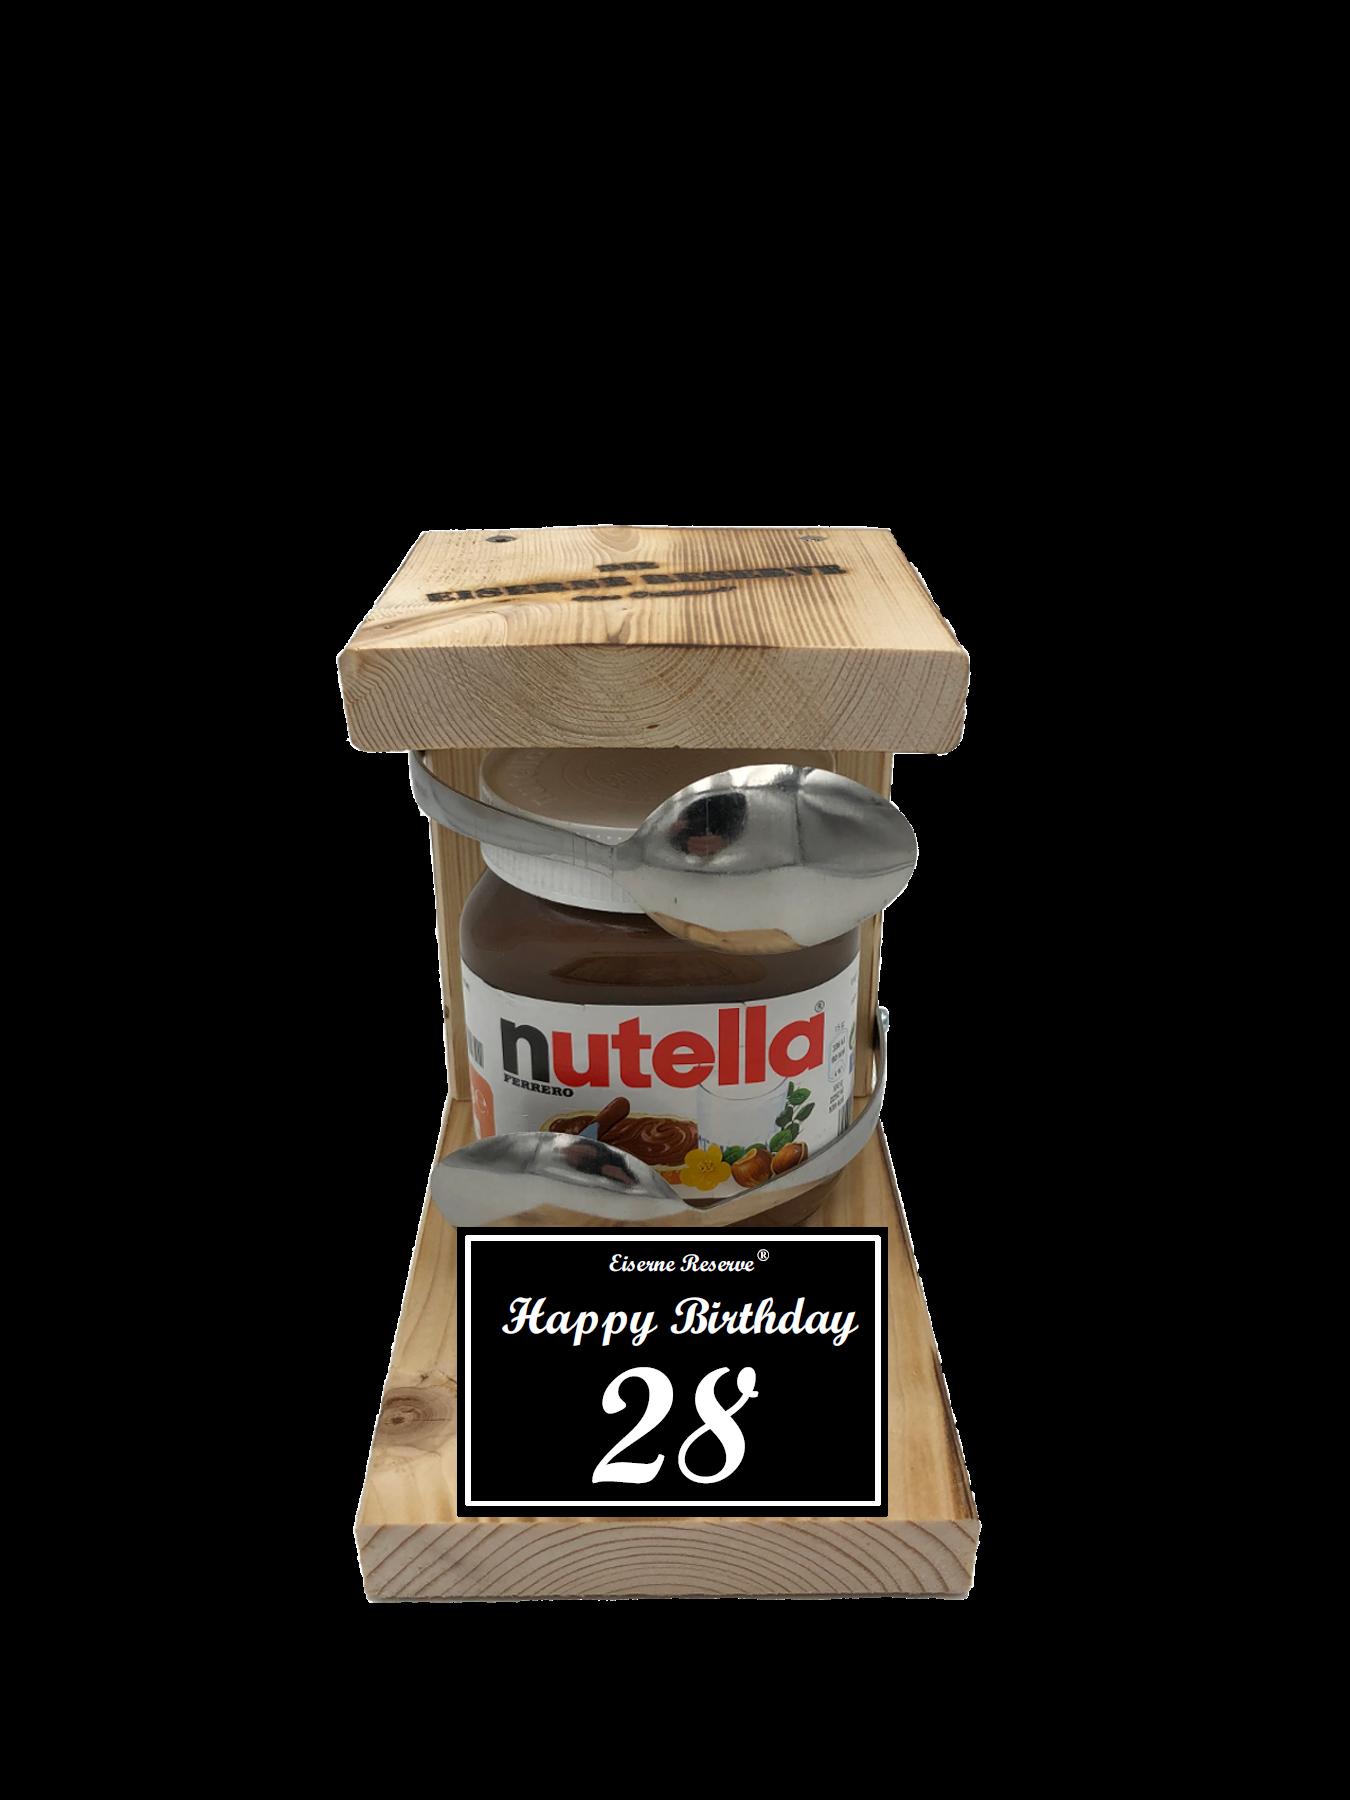 28 Happy Birthday Löffel Nutella Geschenk - Die Nutella Geschenkidee